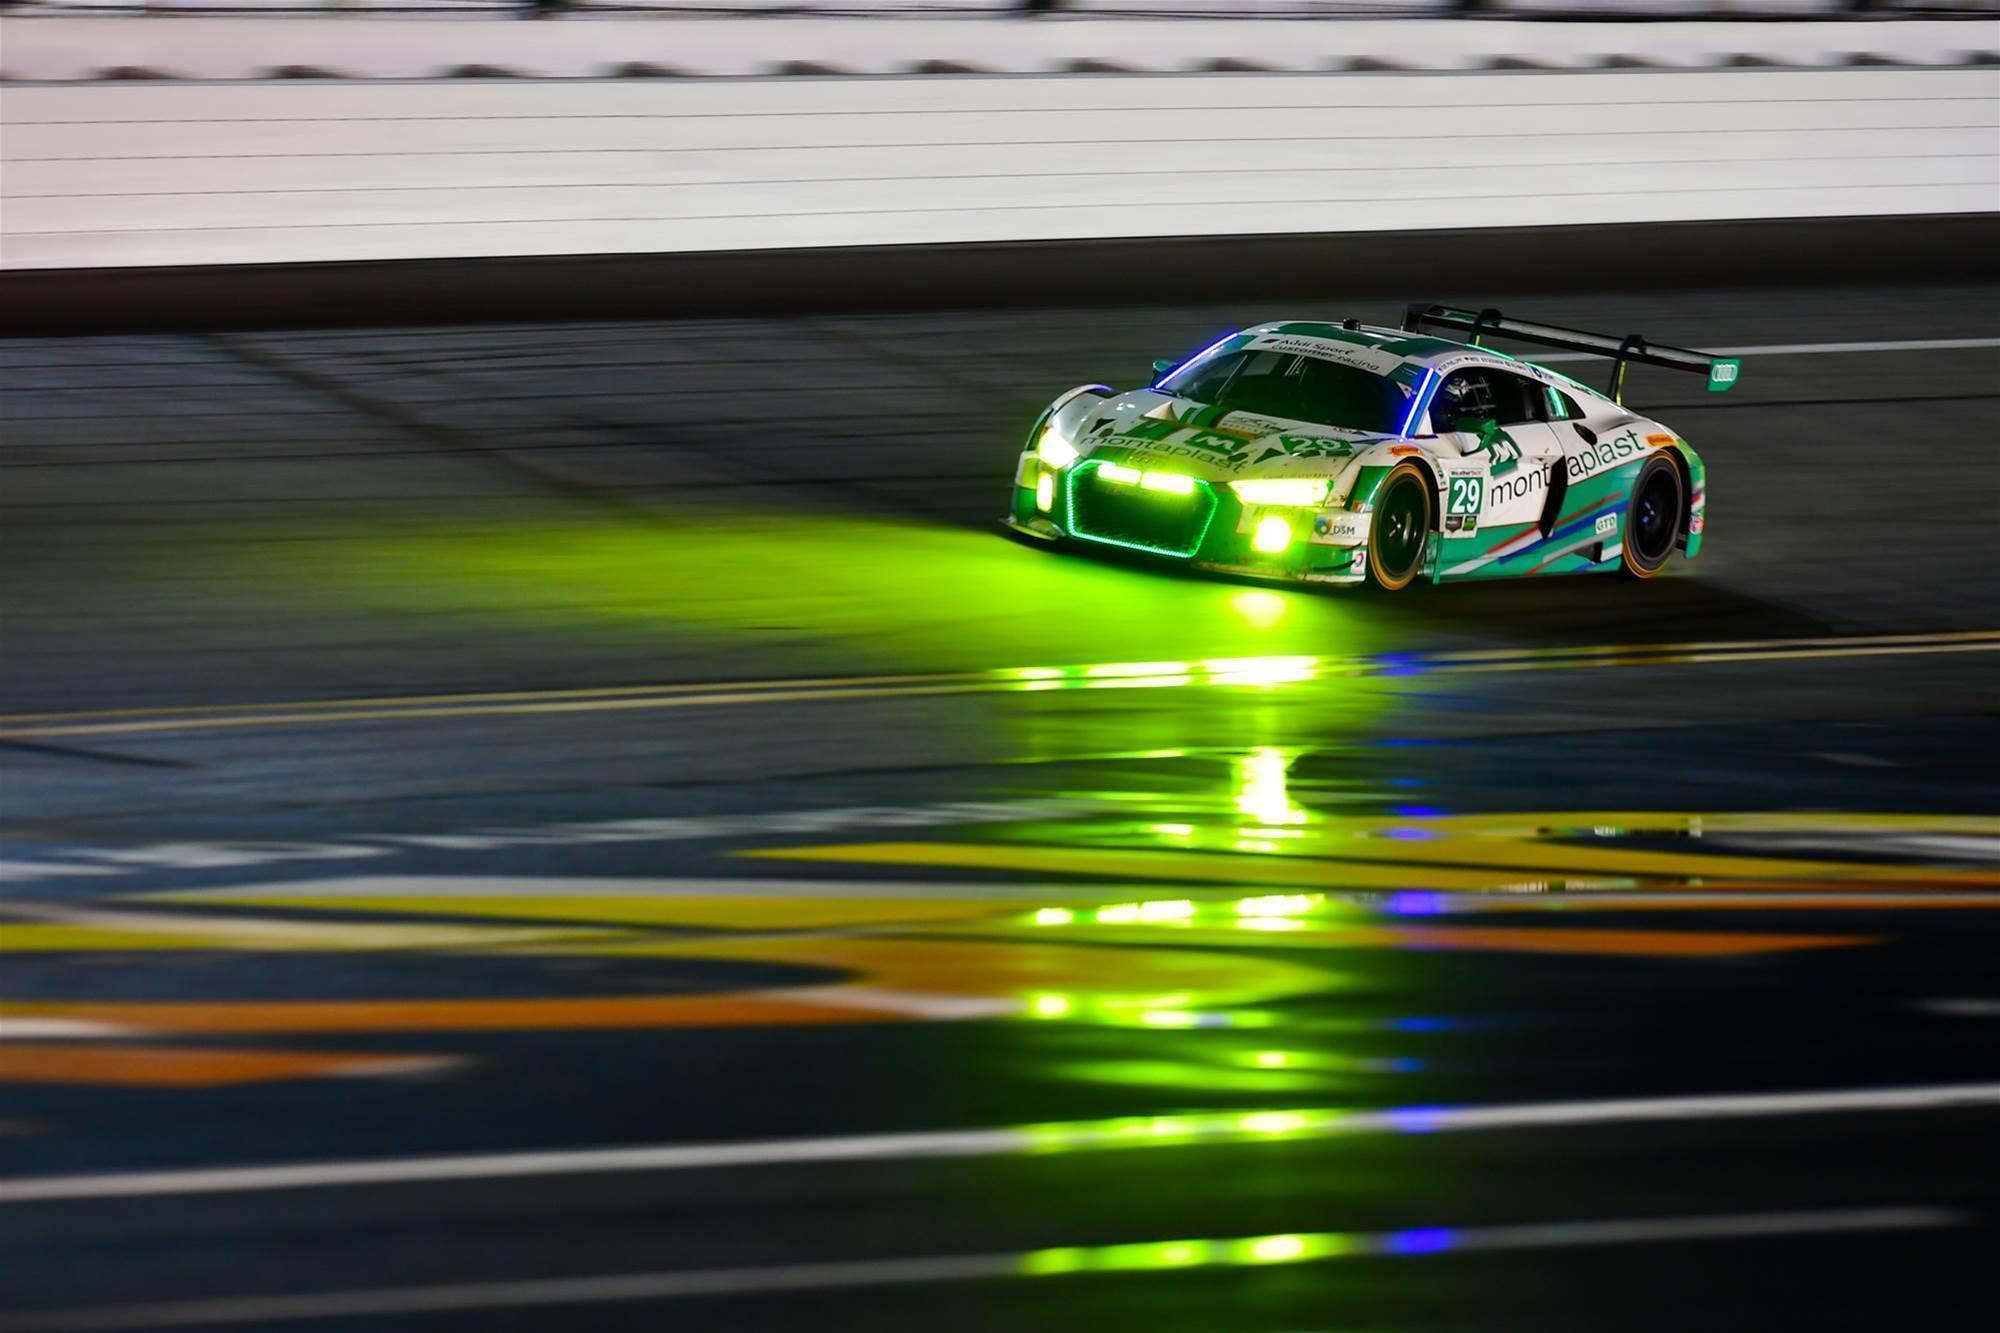 Pic Gallery: Daytona 24 Hours